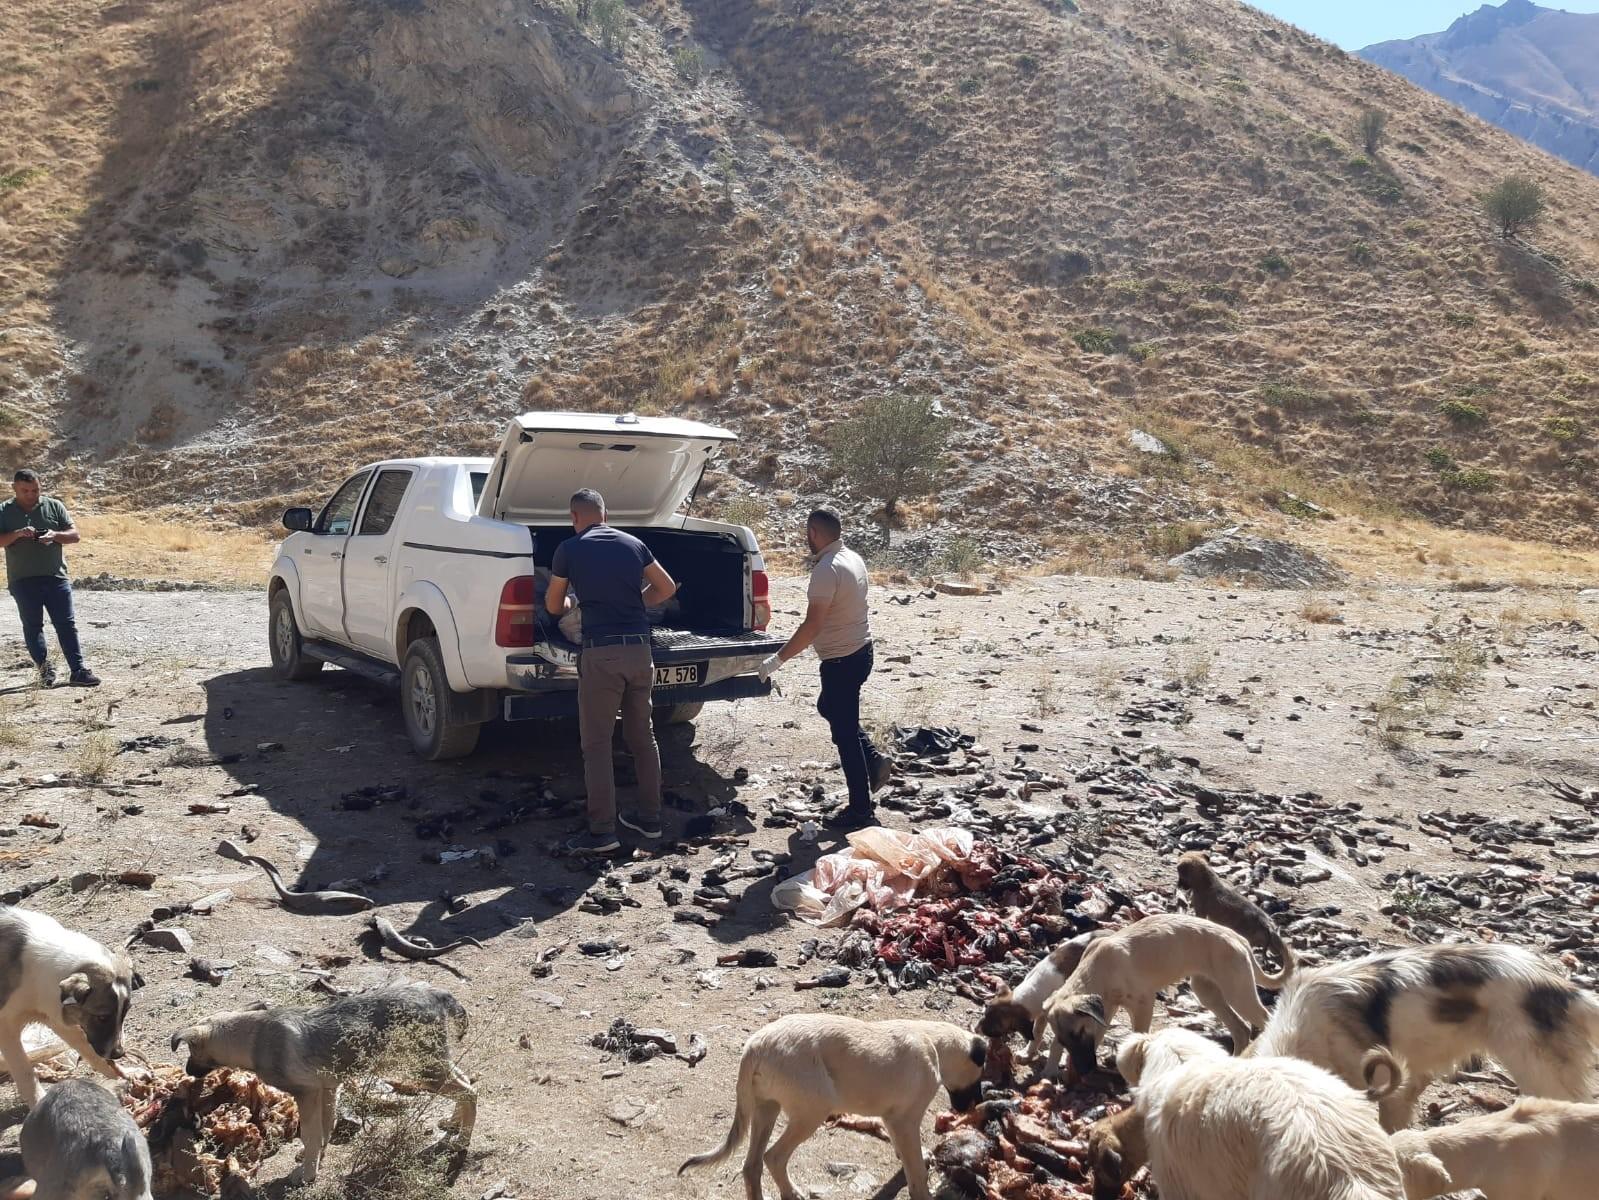 Hakkari'de sokak hayvanlarına sakatat bırakıldı #hakkari